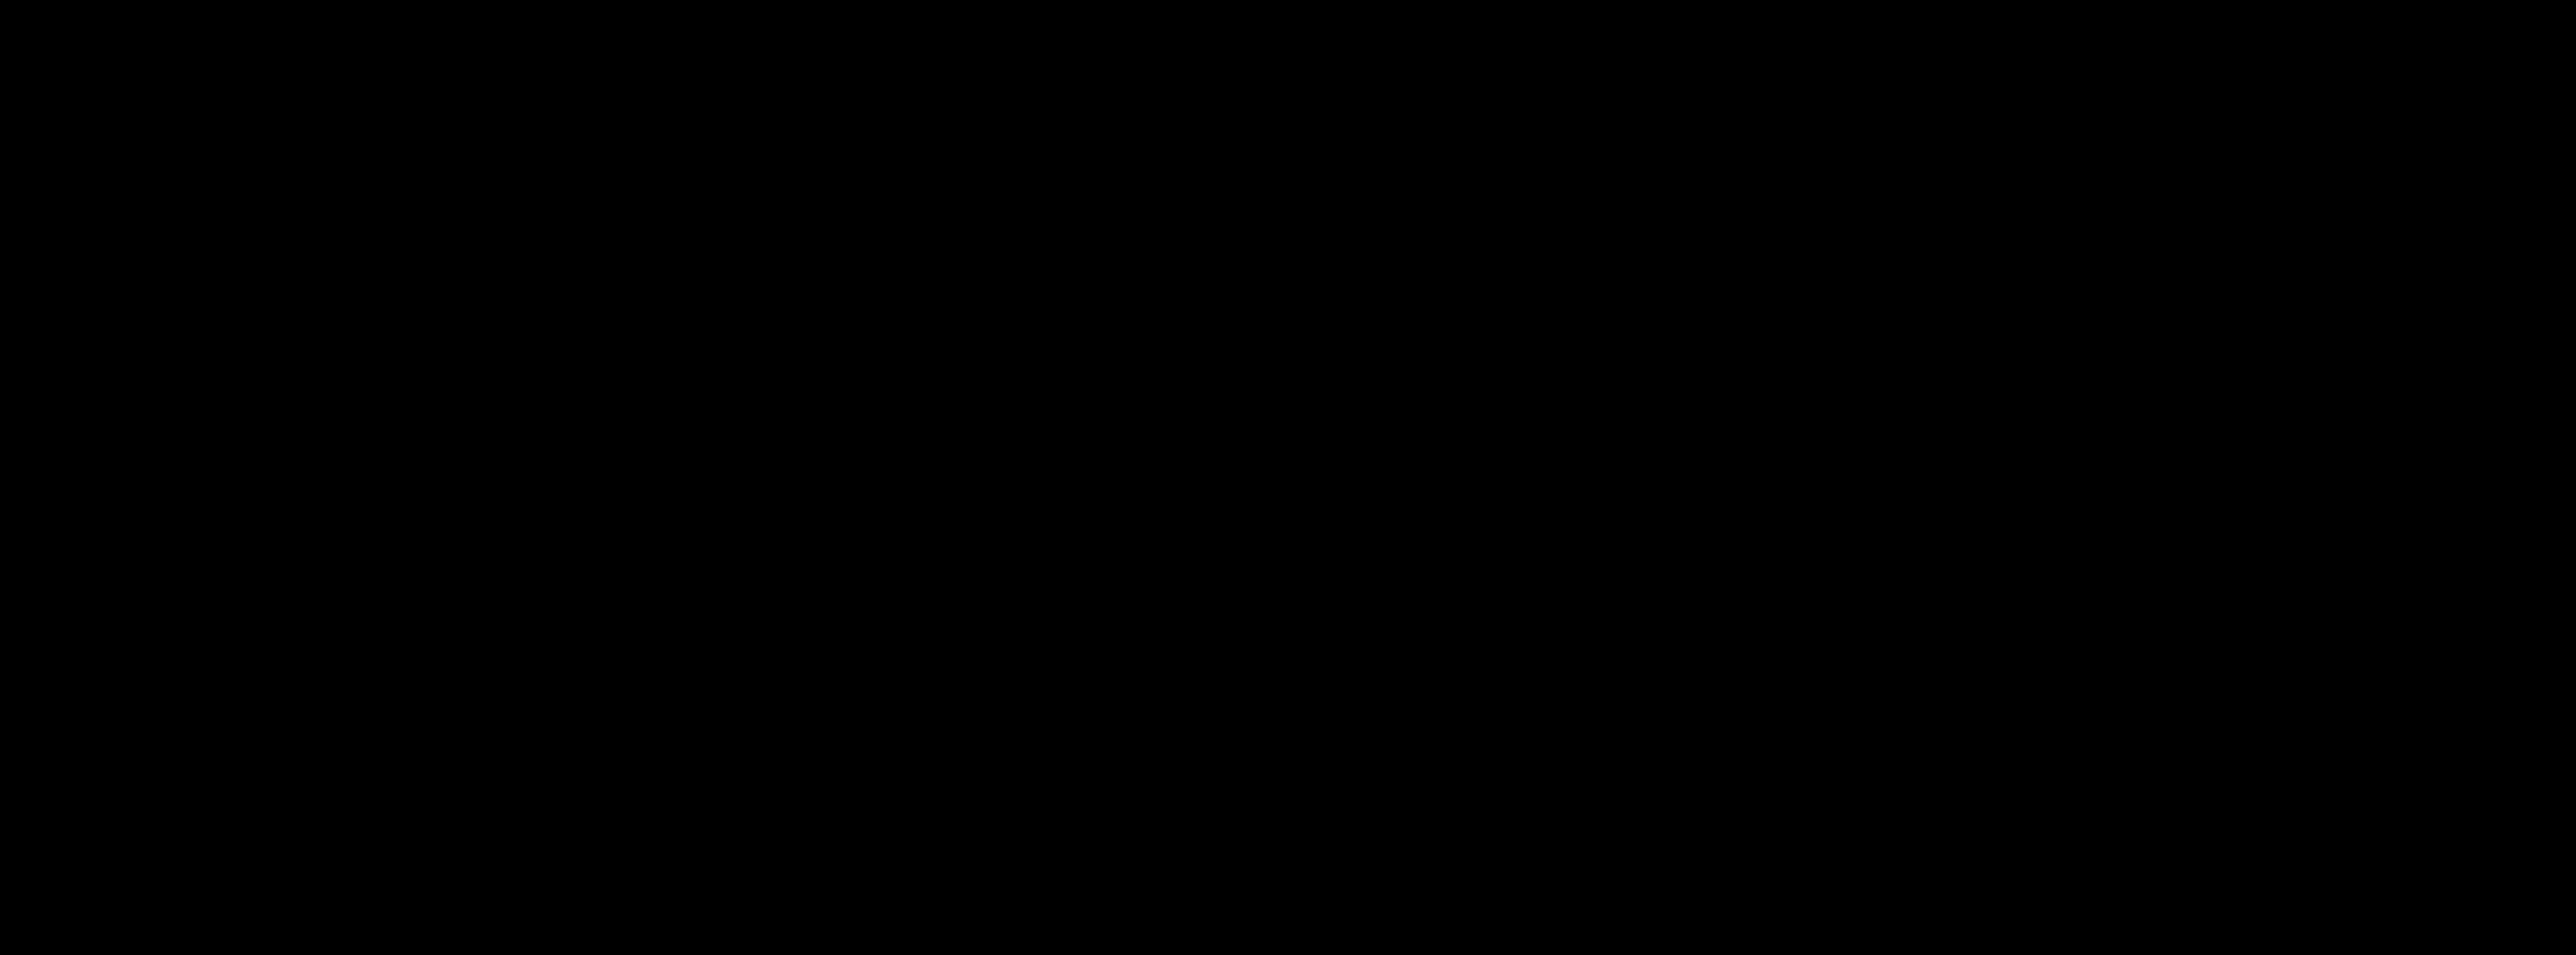 Professionelle-Zahnreinigung-zahnarztpraxis-carina-sell-gießen